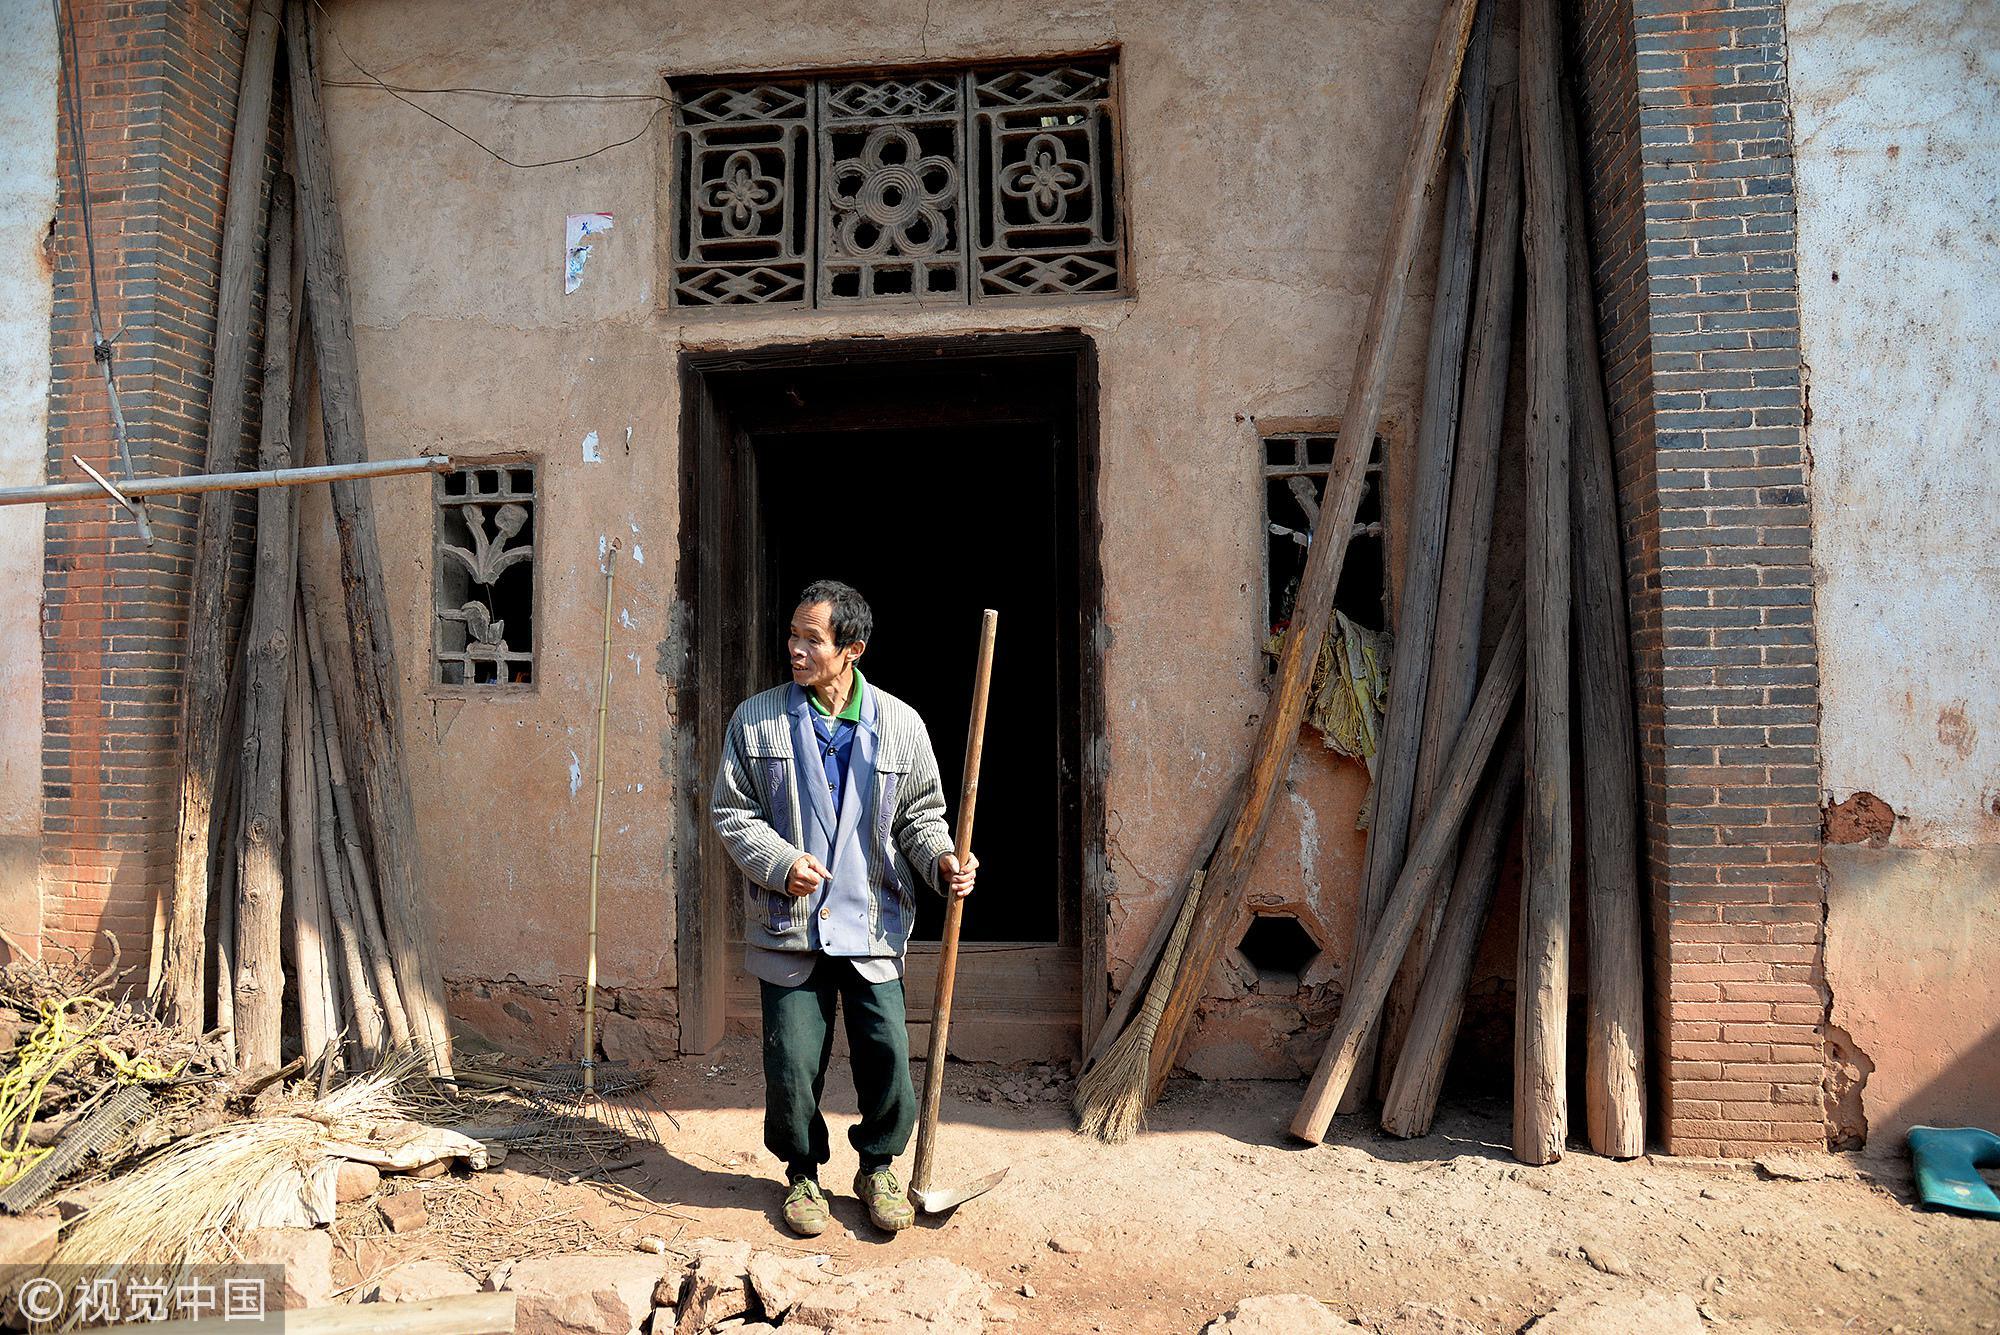 范德万,生于1958年,江西省赣州市榕江新区潭口镇三观村人。因从小患有视力残疾,现是二级残疾人。由于身体的缺陷,范德万直到44岁才娶妻生子,两人相依为命,靠捡剩饭剩菜度日。/视觉中国